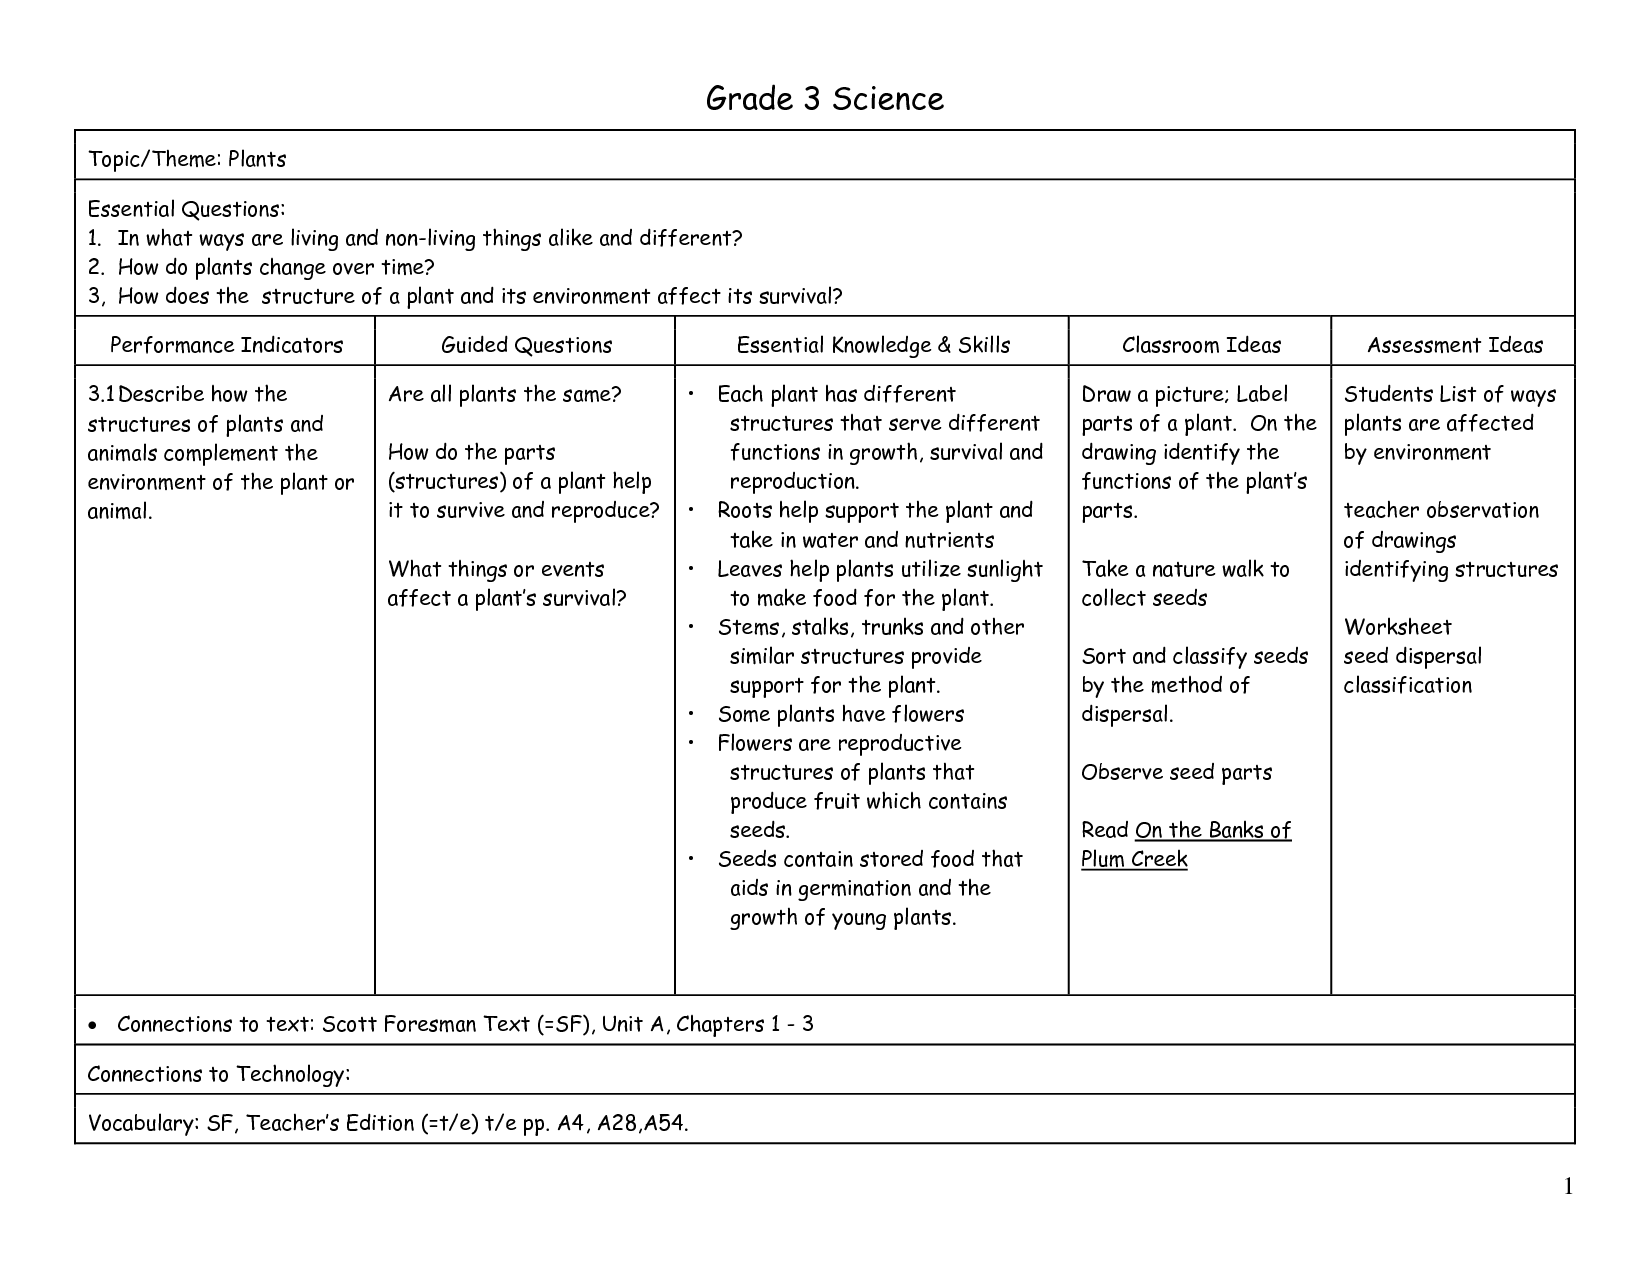 medium resolution of plants grade 3   Grade 3 Science Worksheet - PDF   Grade 3 science